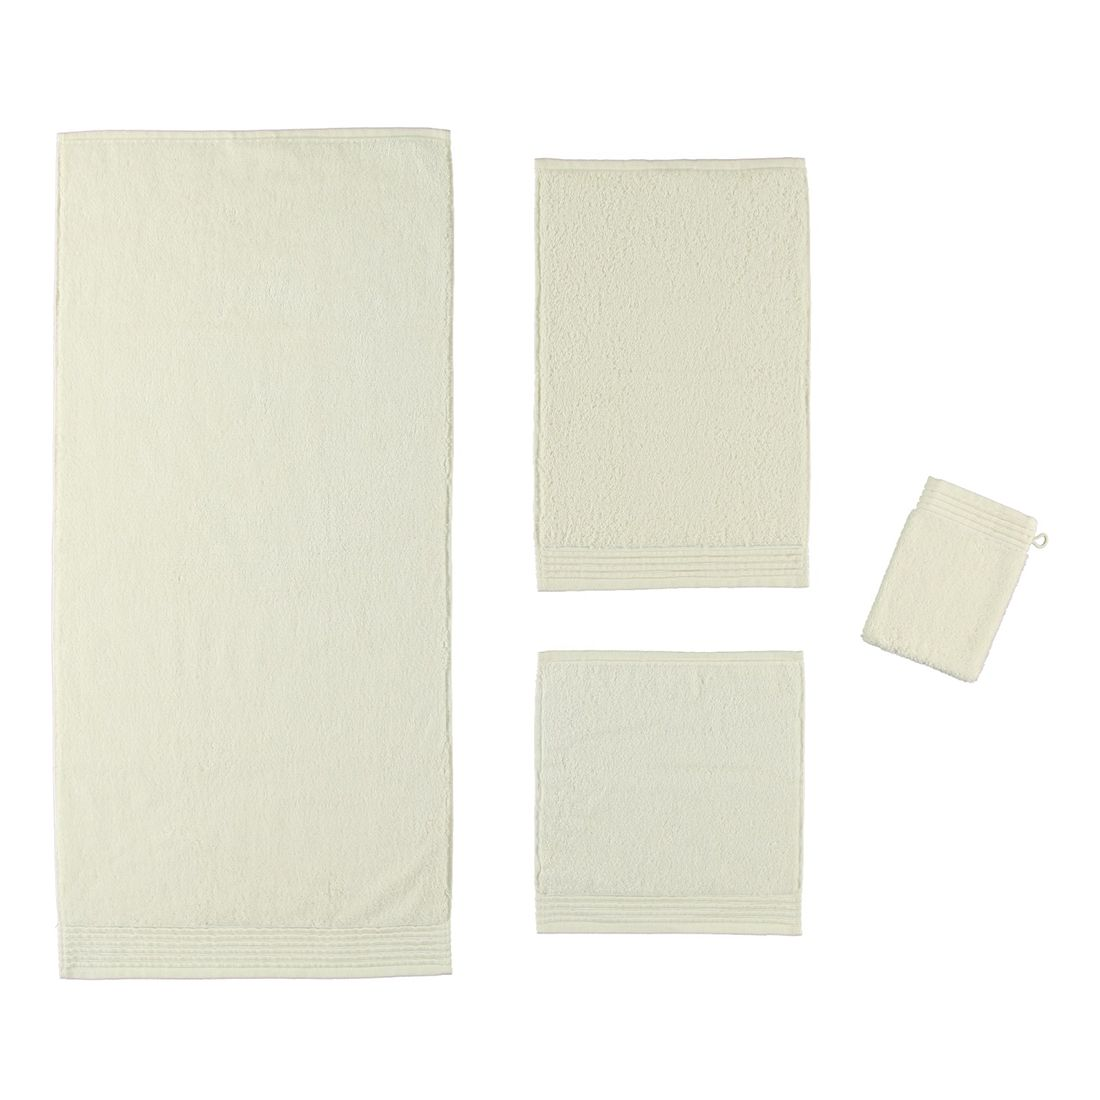 Handtuch LOFT – 100% Baumwolle ivory – 017 – Duschtuch: 80 x 150 cm, Möve günstig online kaufen